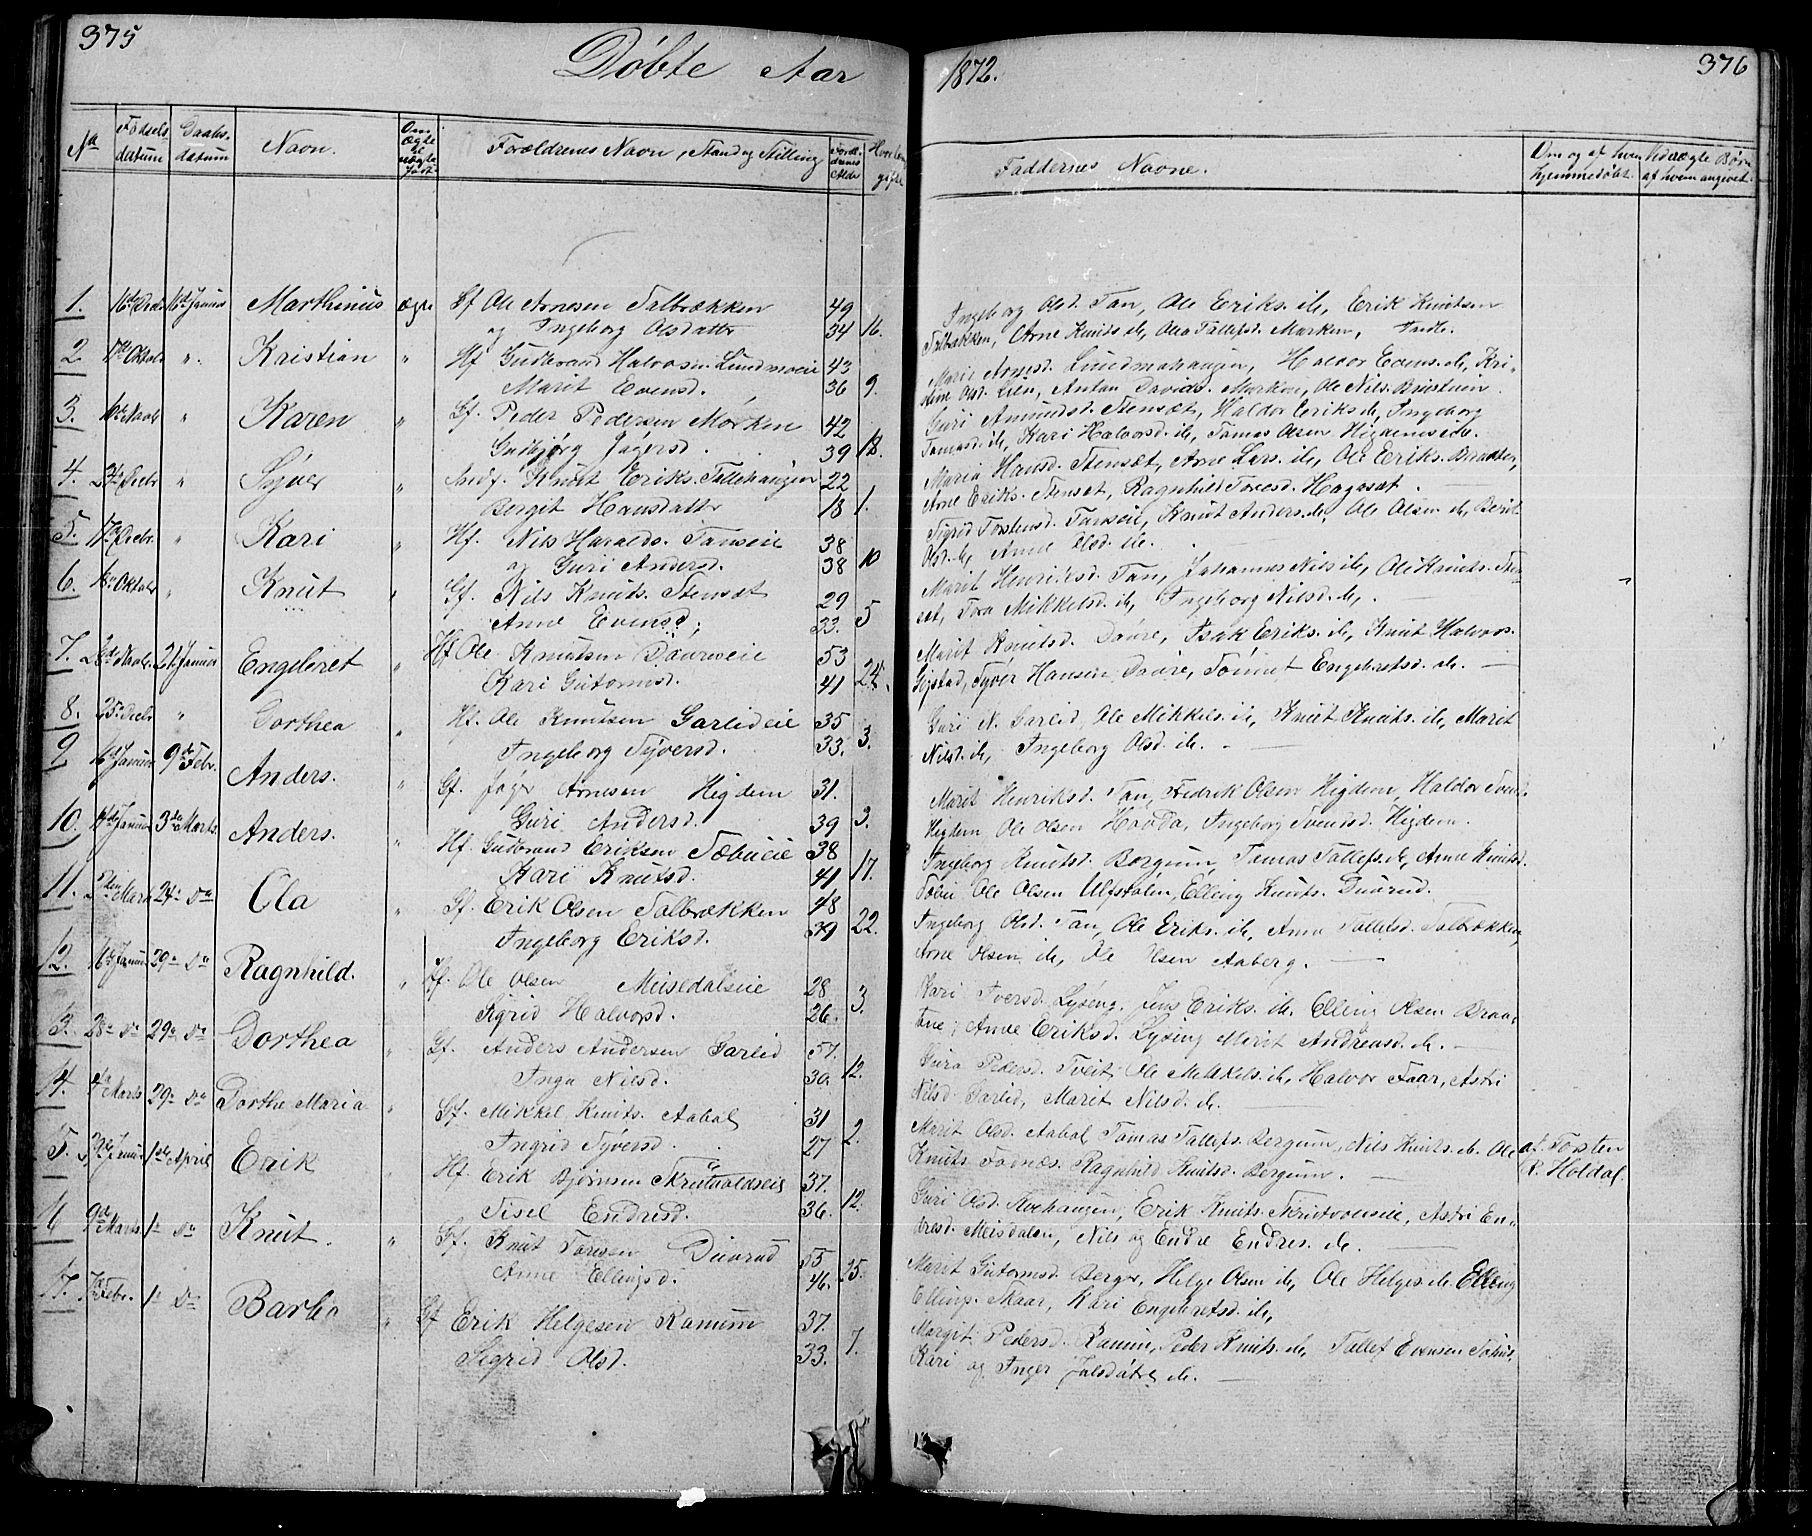 SAH, Nord-Aurdal prestekontor, Klokkerbok nr. 1, 1834-1887, s. 375-376